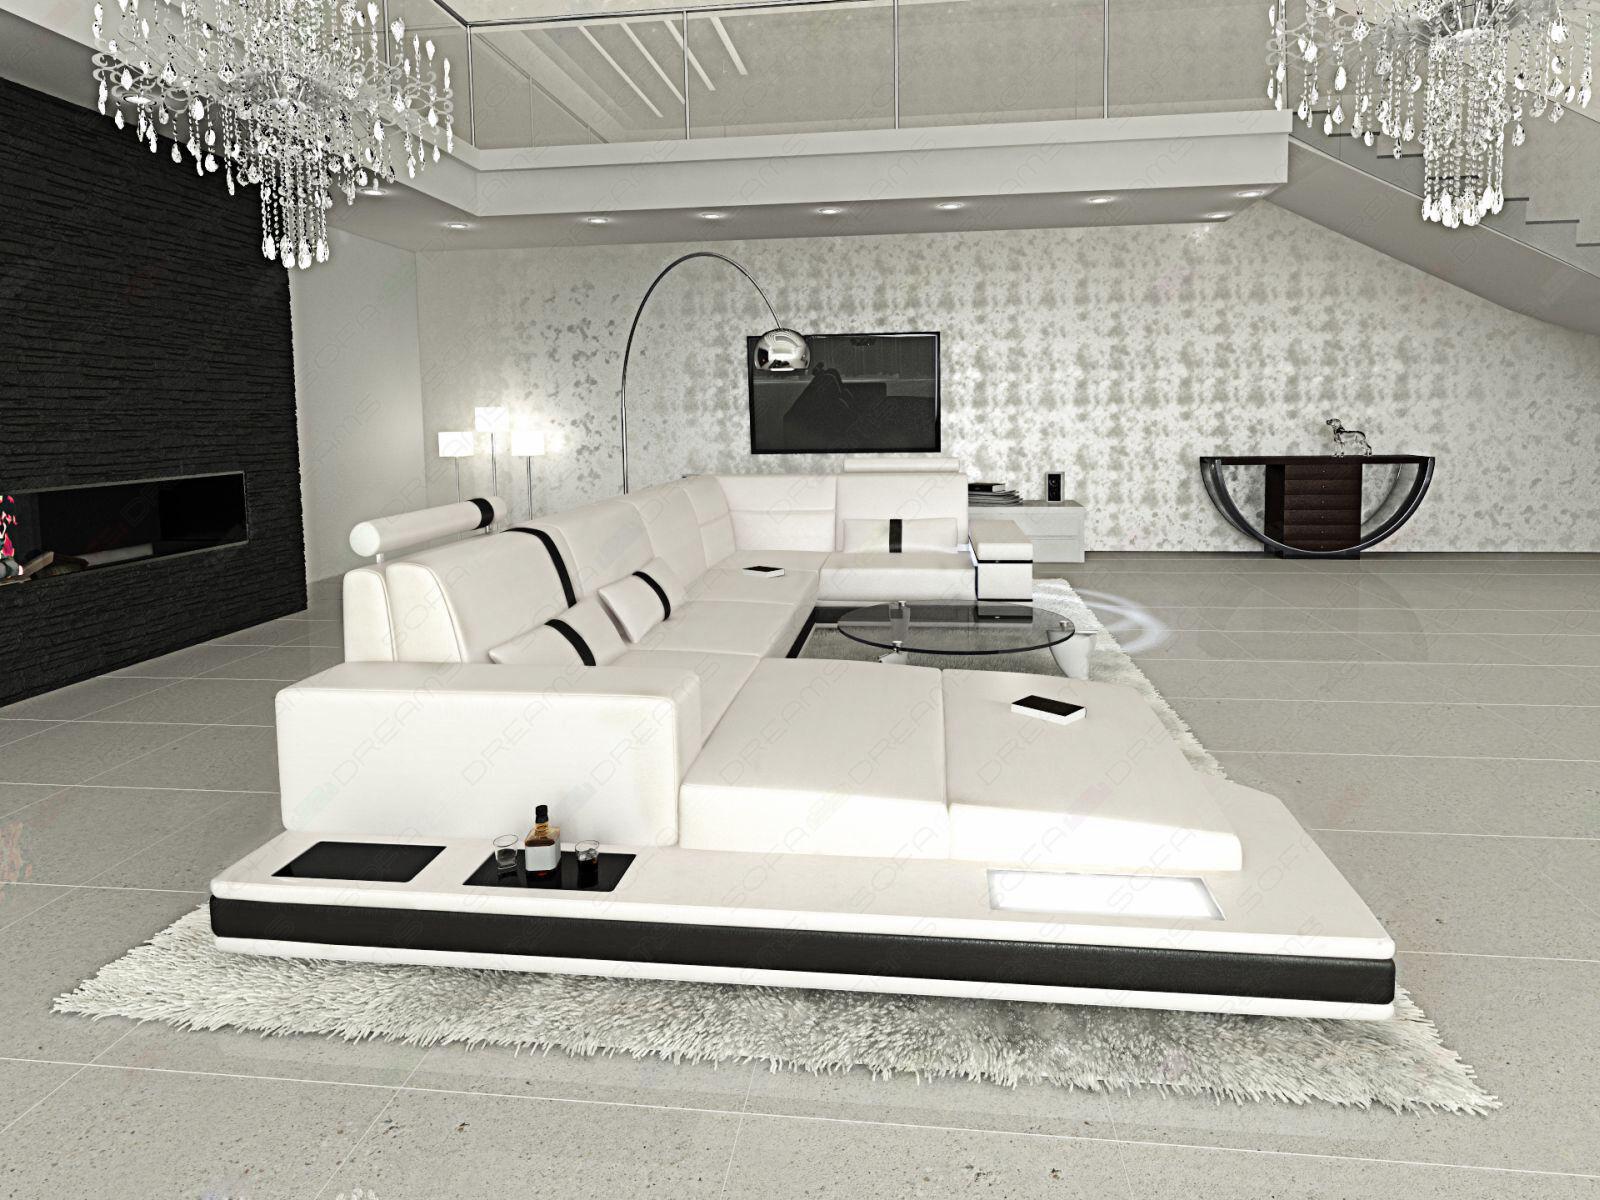 ledersofa messana designer sofa wohnlandschaft licht eur. Black Bedroom Furniture Sets. Home Design Ideas